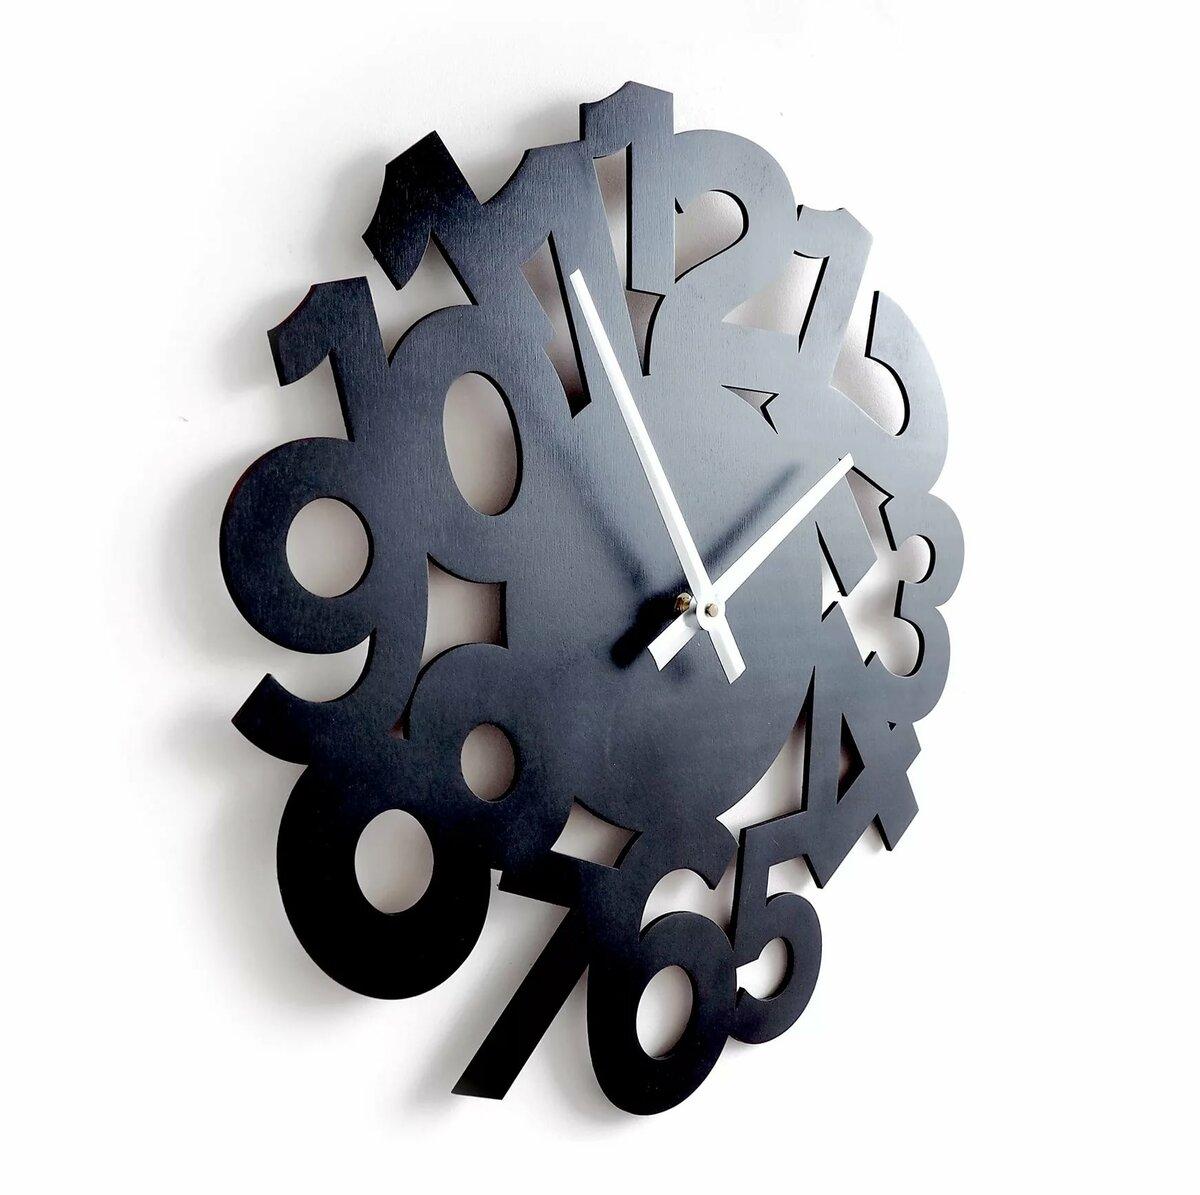 Большие настенные часы картинки